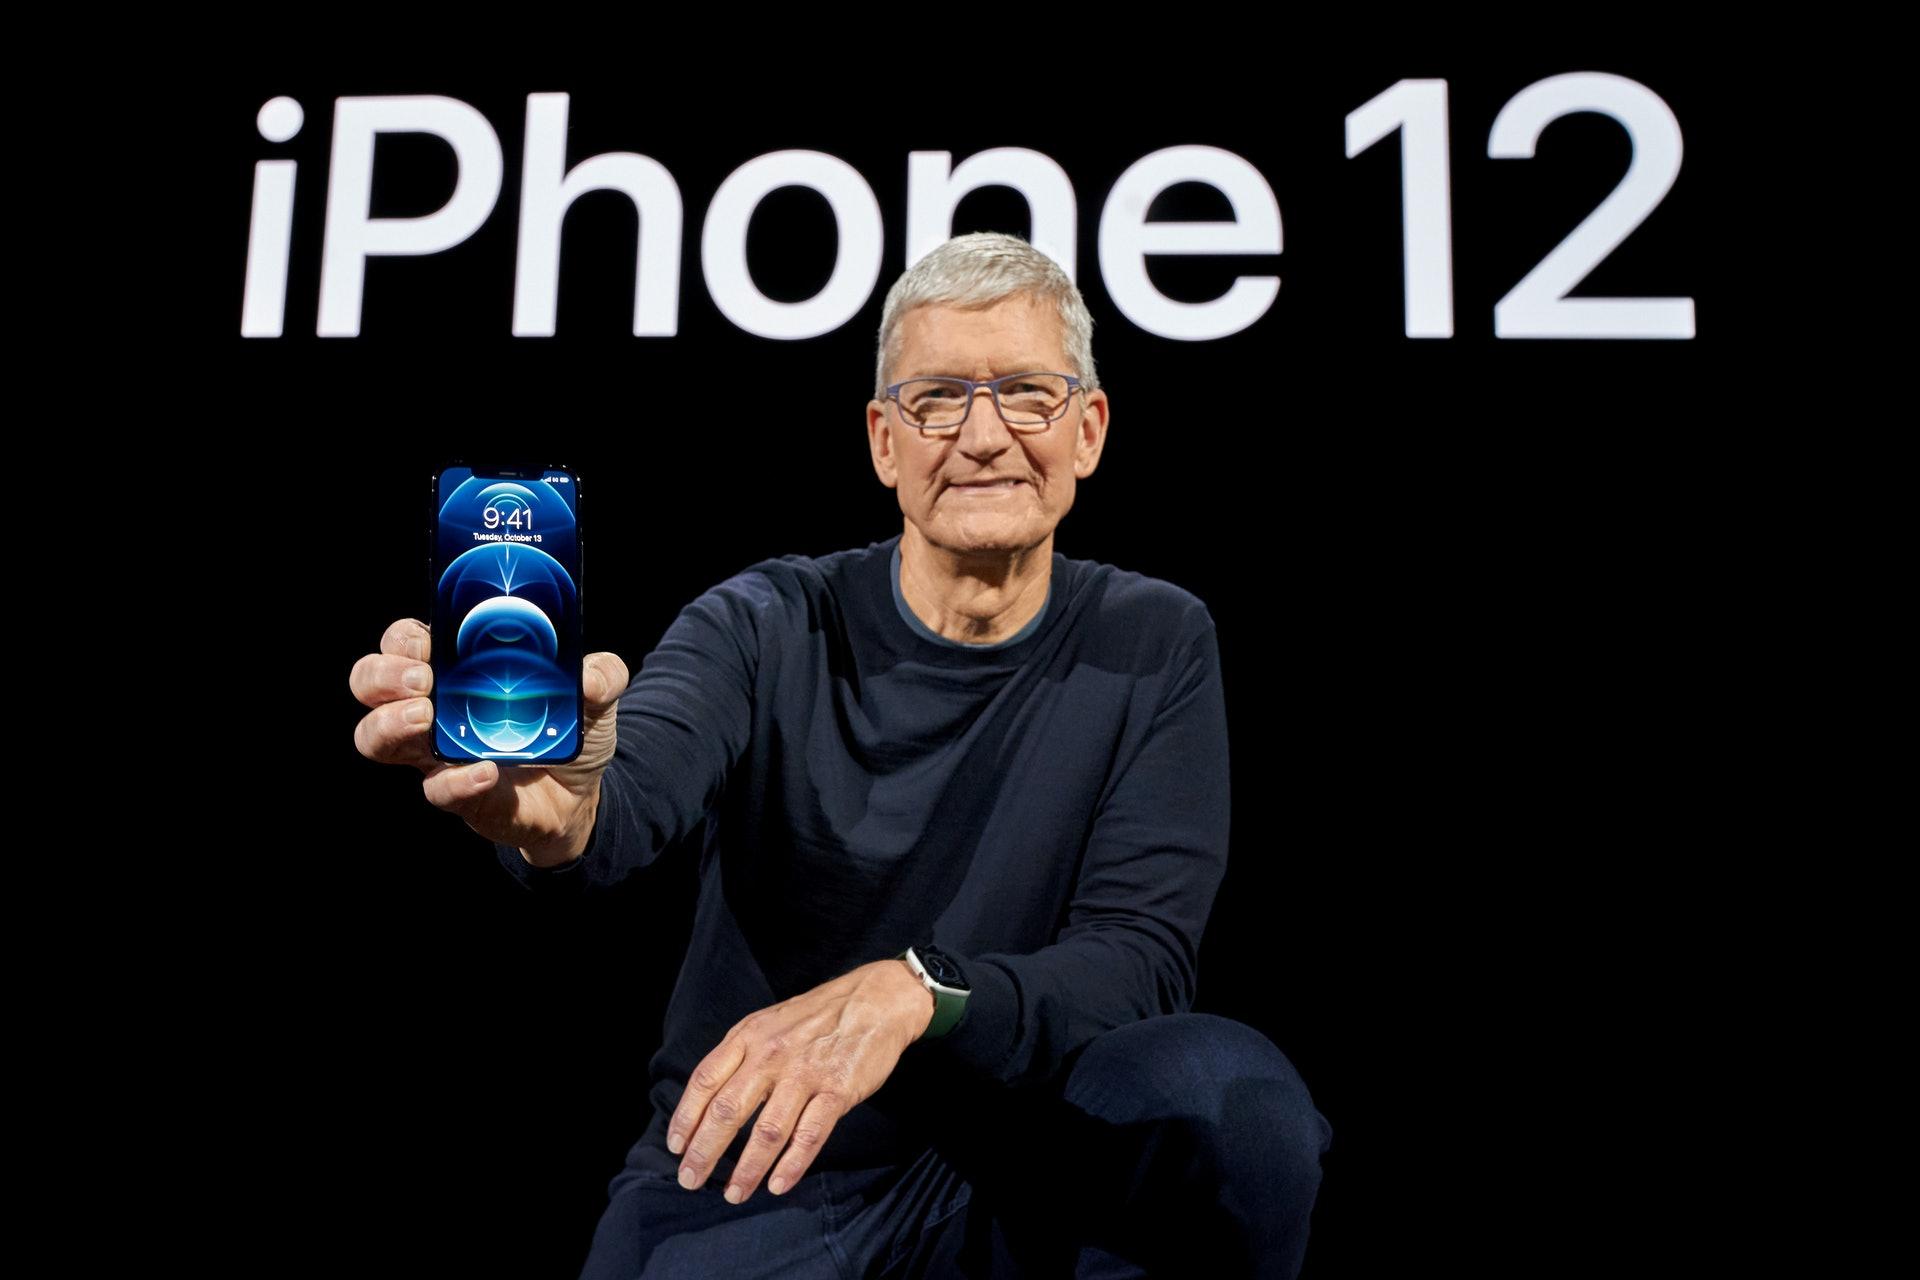 千呼万唤 iPhone12终可支持5G 美媒:别高兴太早